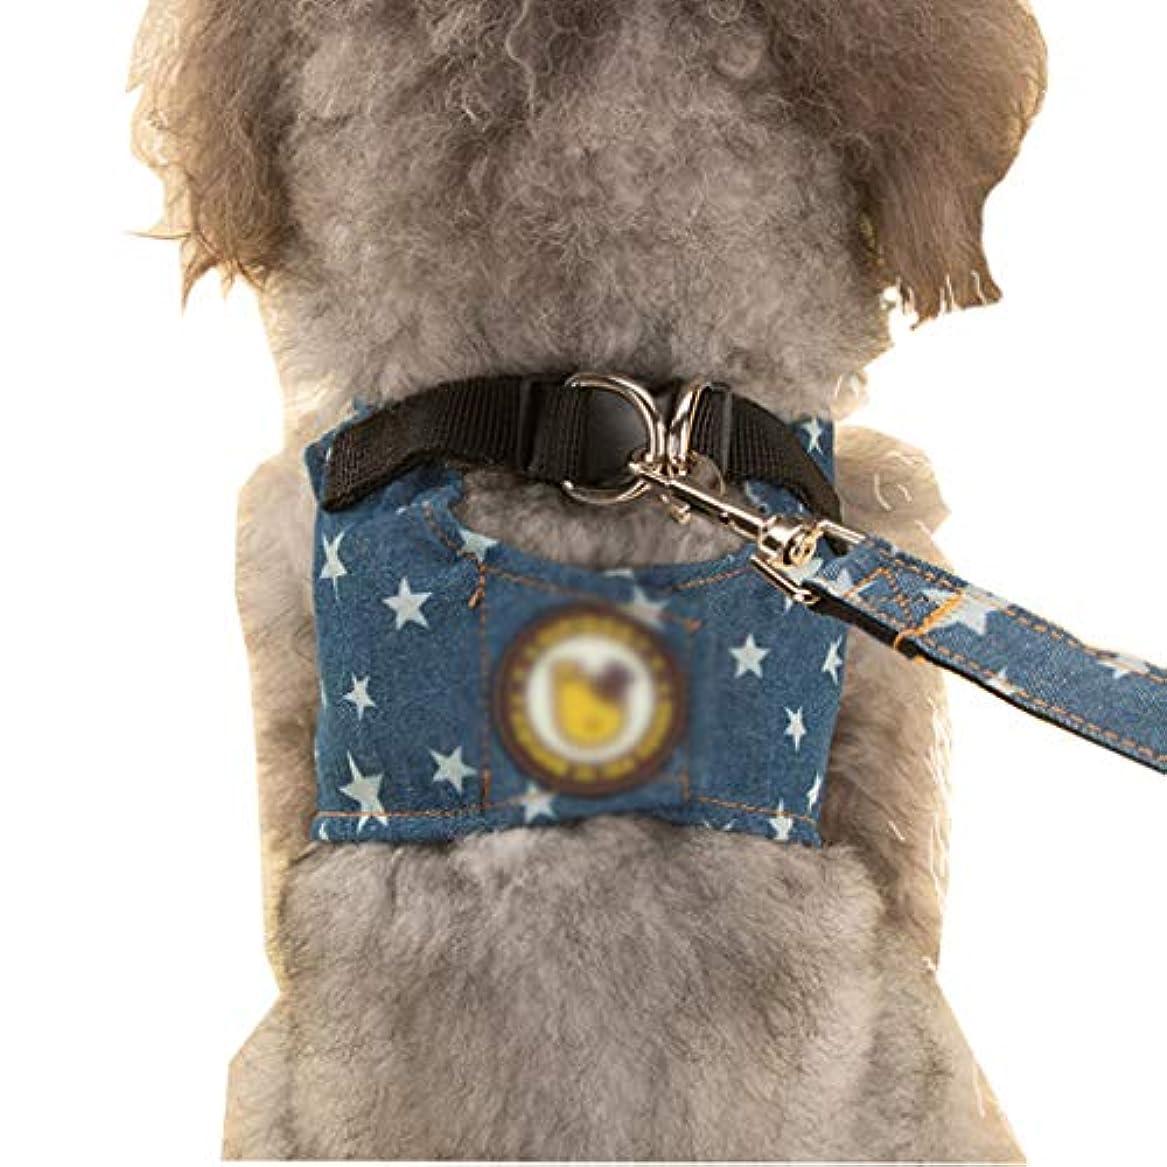 パブ美的成長するEISOON 犬用ハーネス 胴輪 犬の服 引っ張り防止 首輪 ペット用品 トラクションロープ 散歩 訓練 小型犬 中型犬